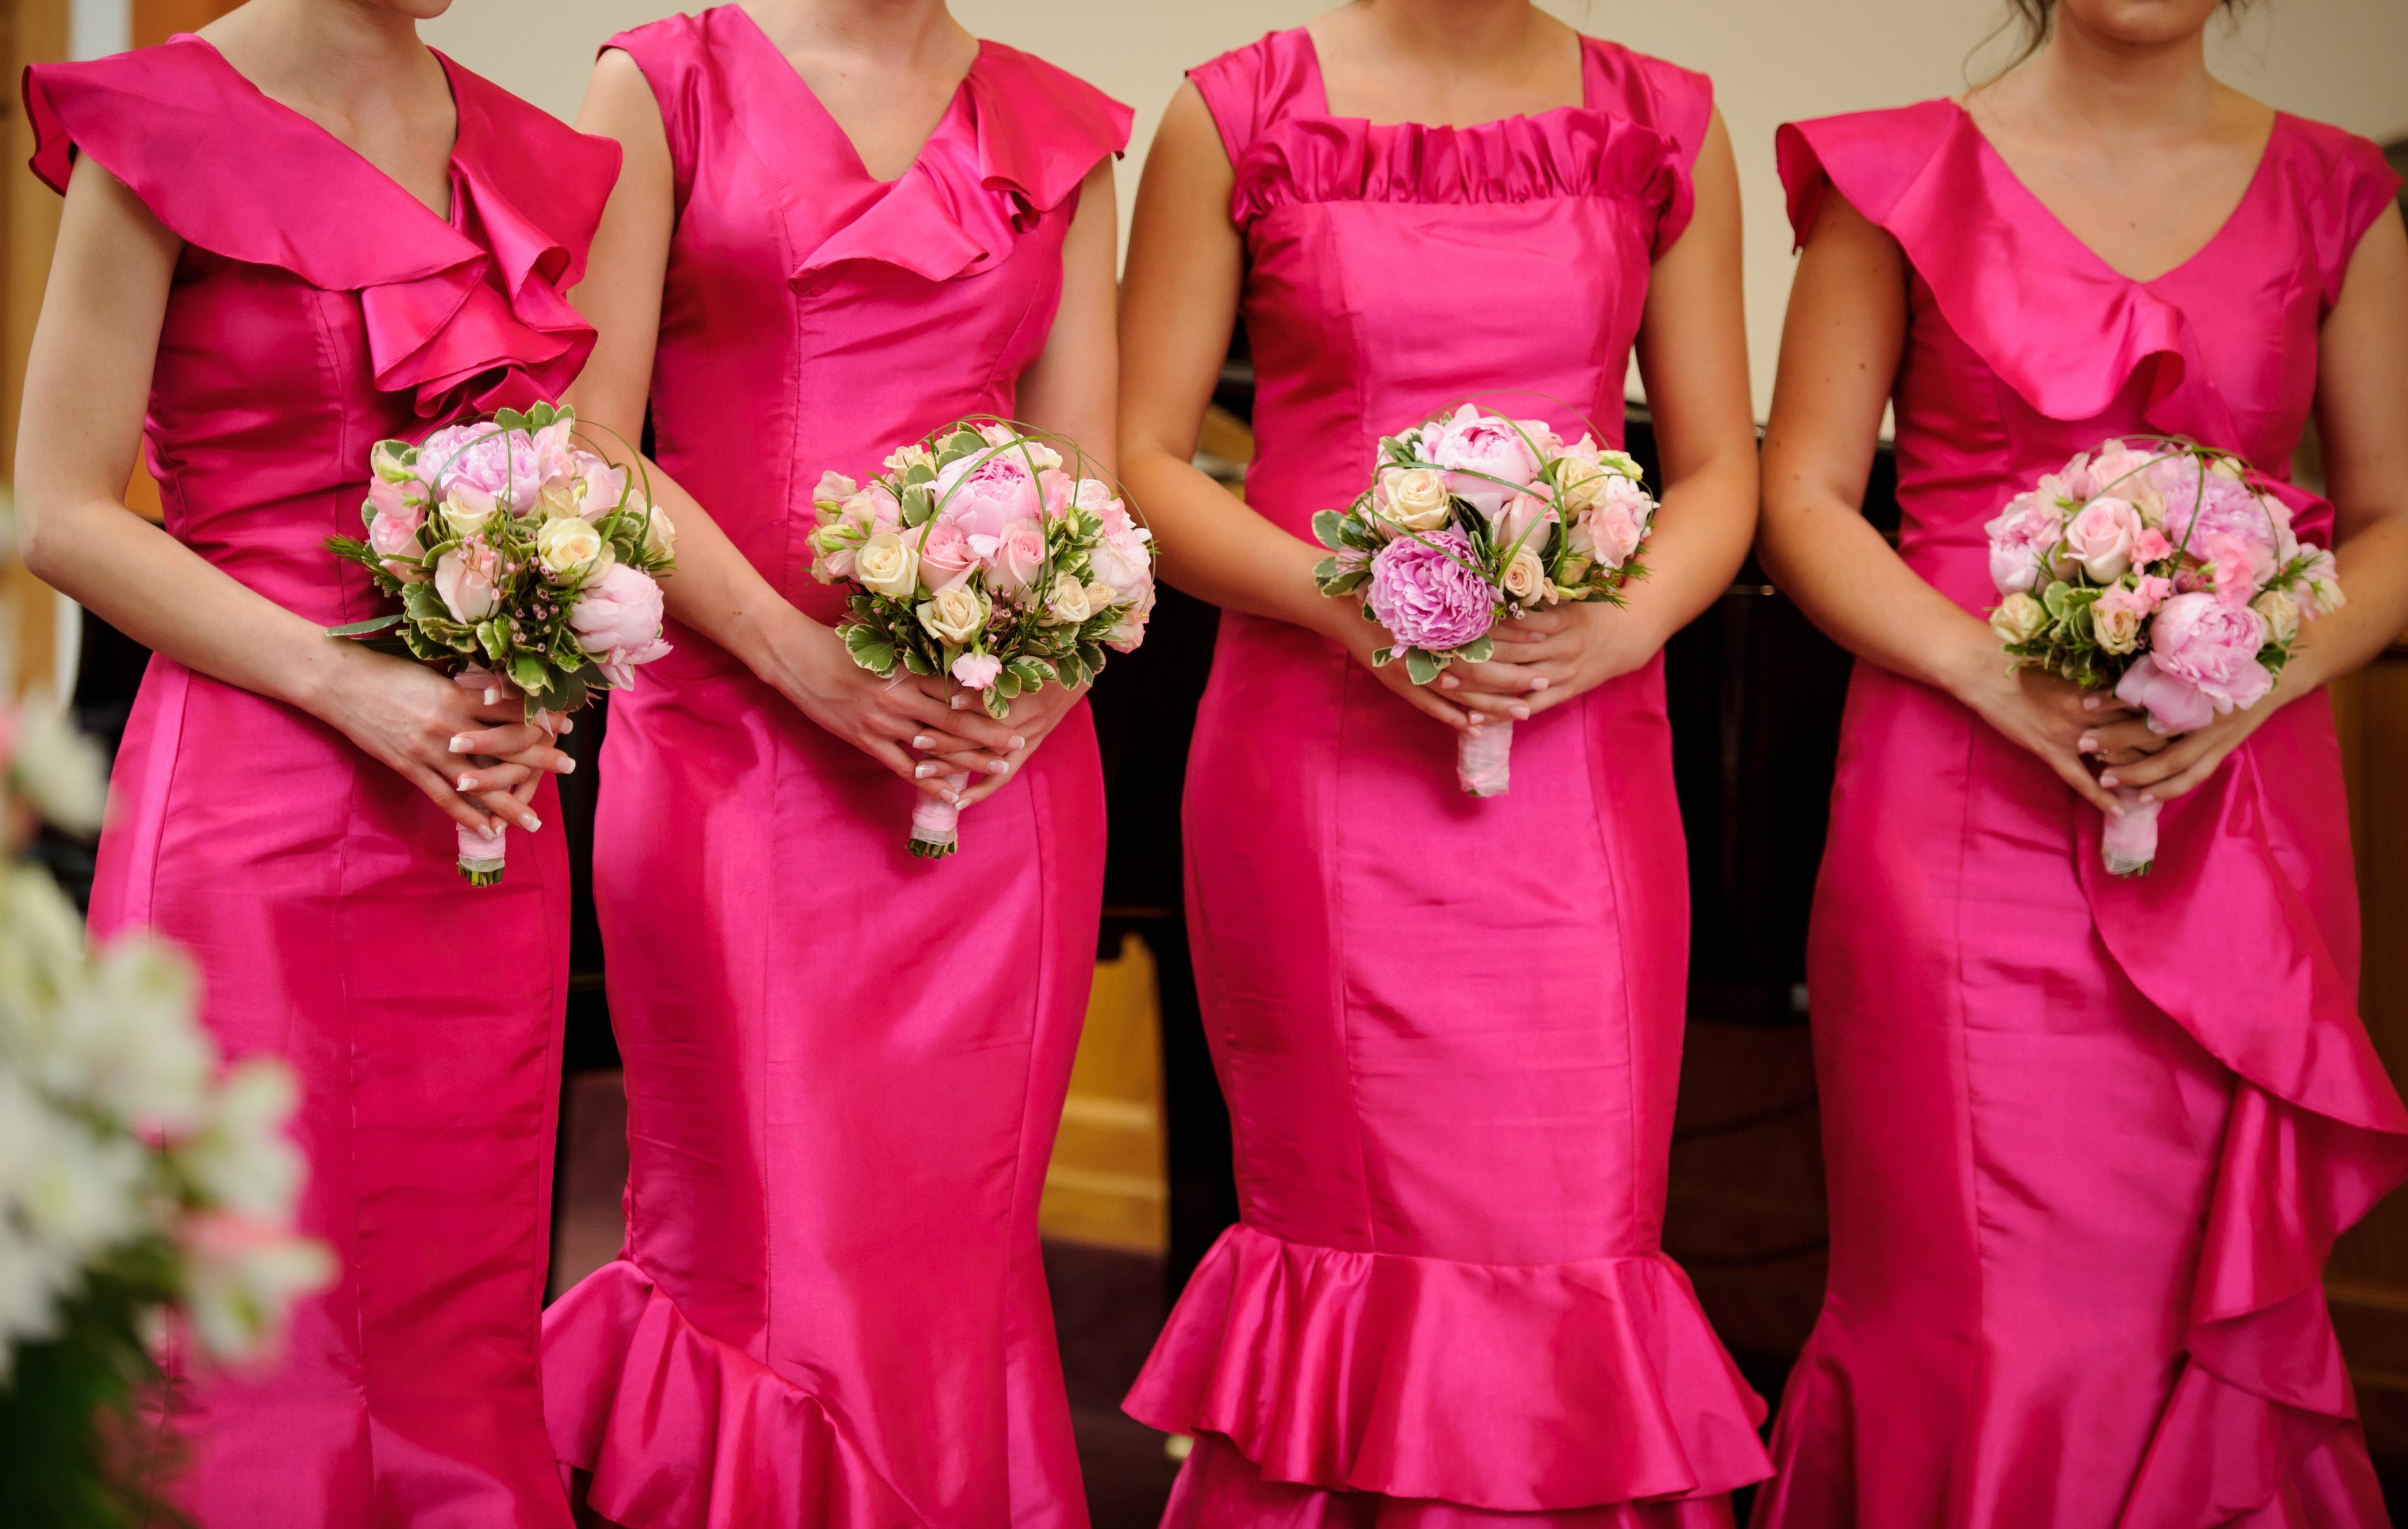 Si ya encontraste tu vestido de novia, esto es lo que sigue...